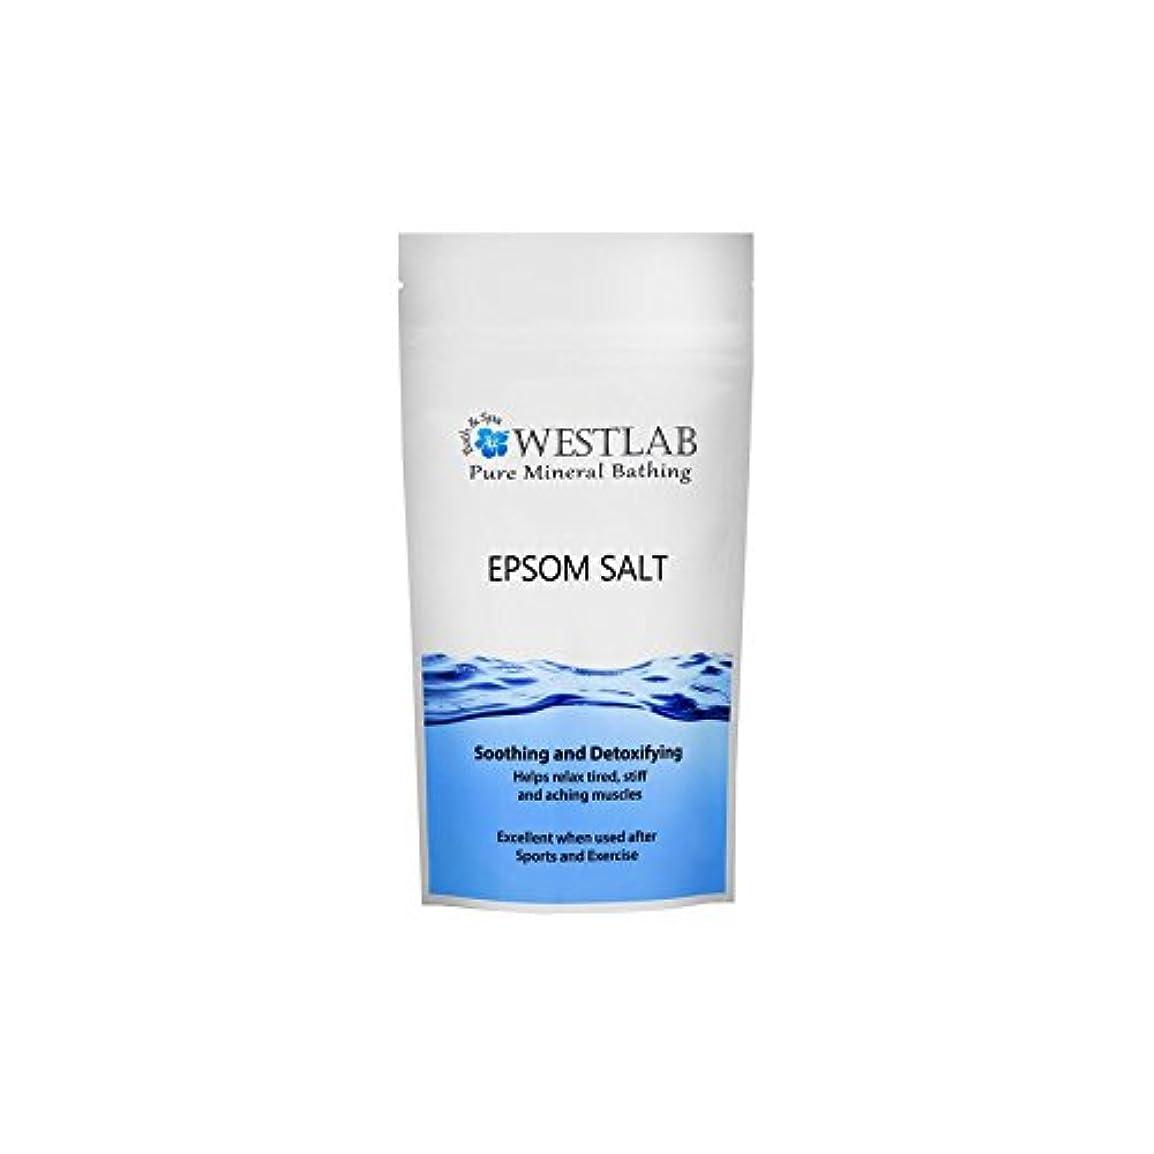 ネットレパートリーわずかにWestlab Epsom Salt 2kg - エプソム塩の2キロ [並行輸入品]